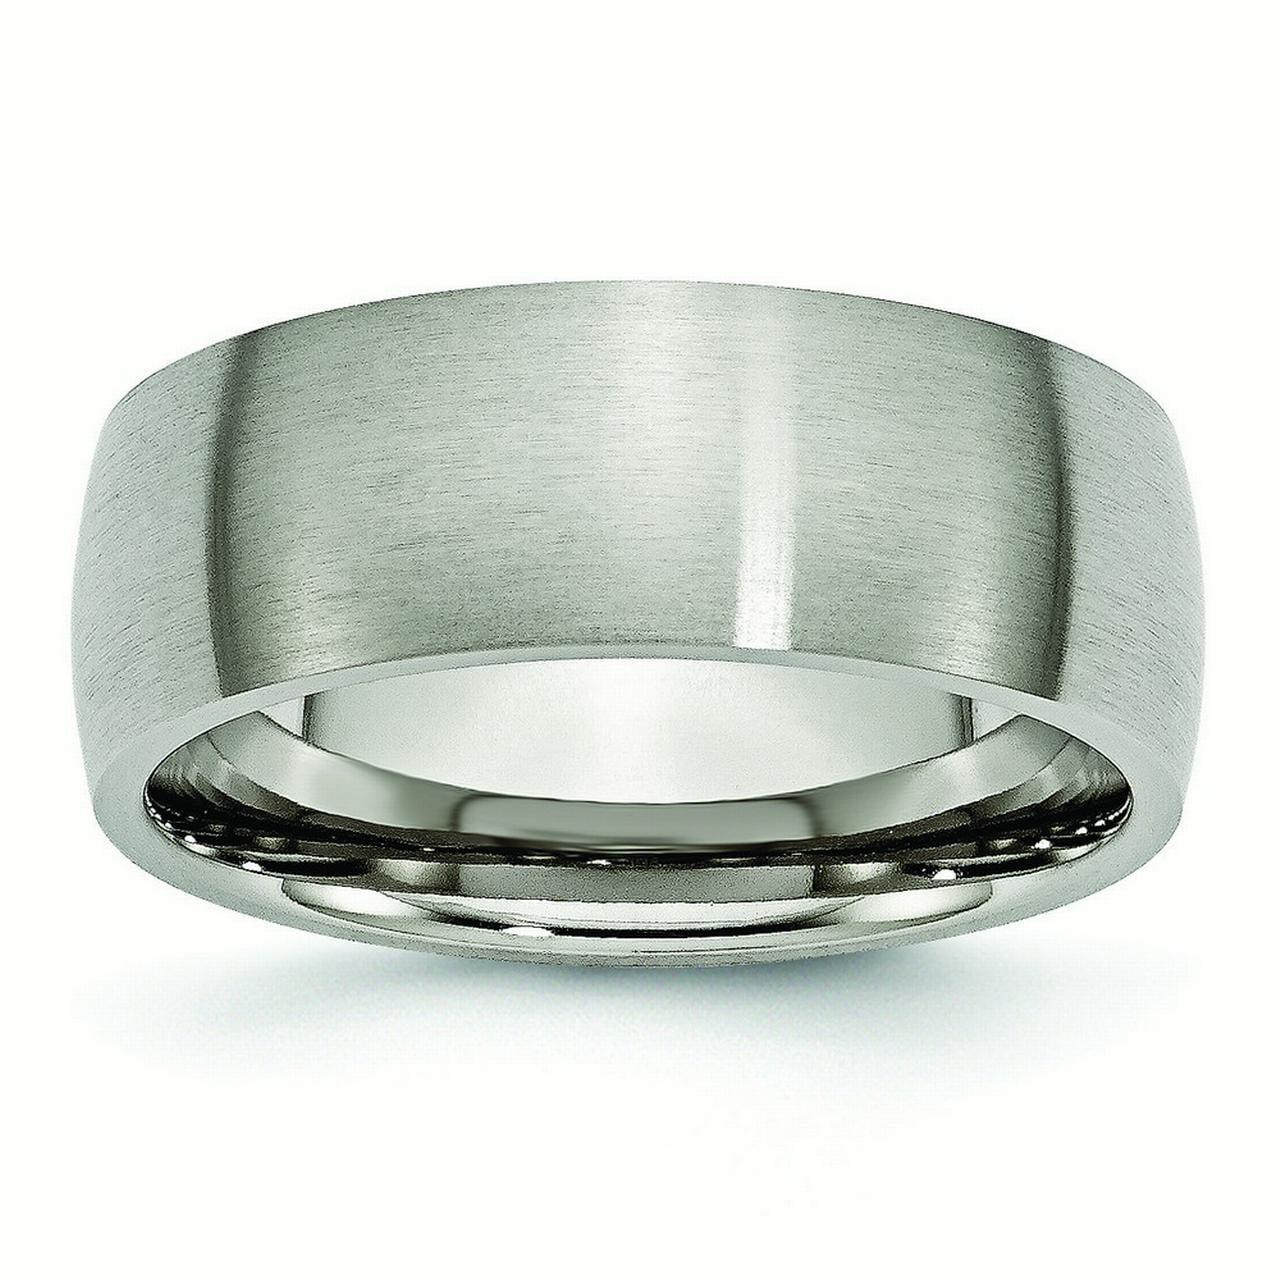 Mens Titanium 8mm Brushed Wedding Band Ring Size 12